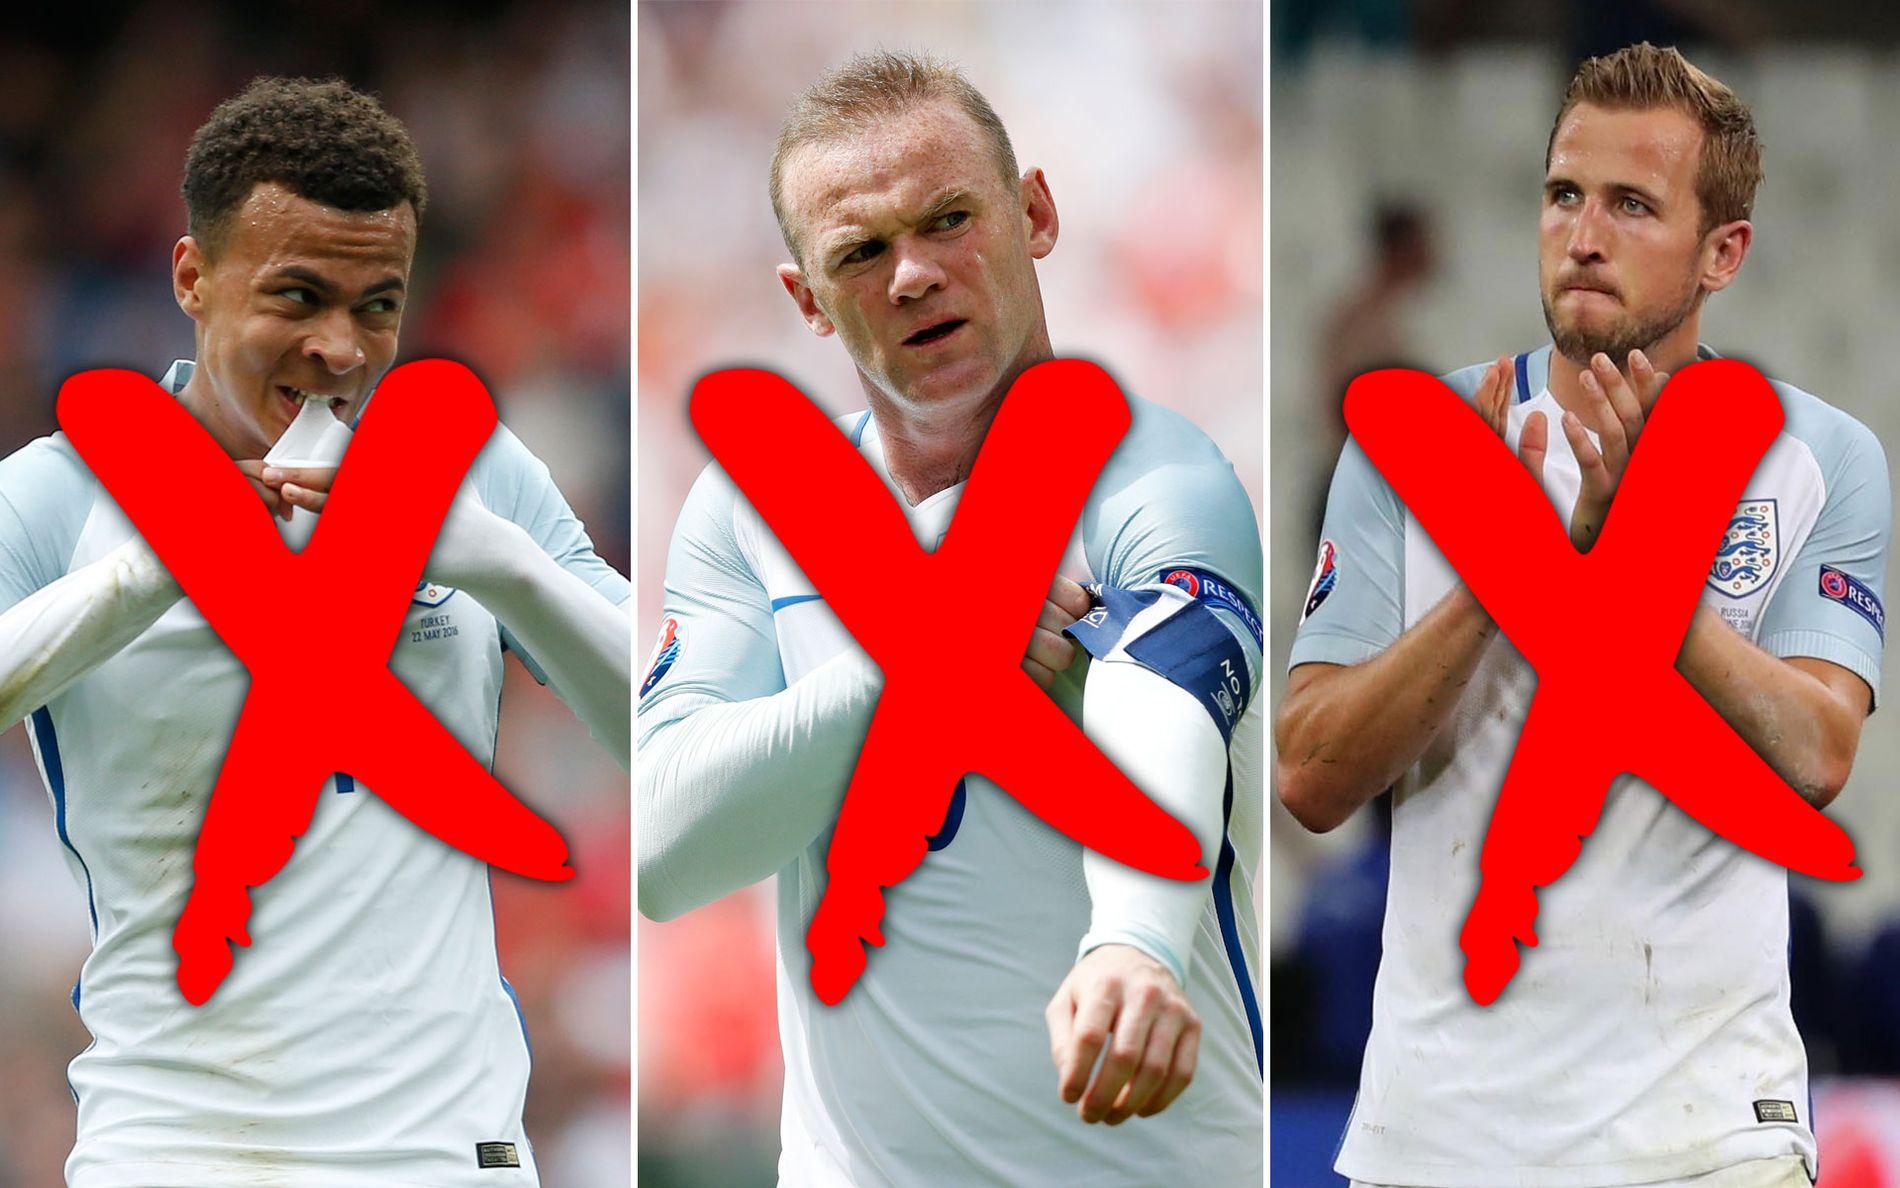 VRAKES: Britiske medier spår at ingen av disse spillerne (fra venstre: Alli, Rooney og Kane) kommer til å starte kampen mot Slovakia mandag kveld.